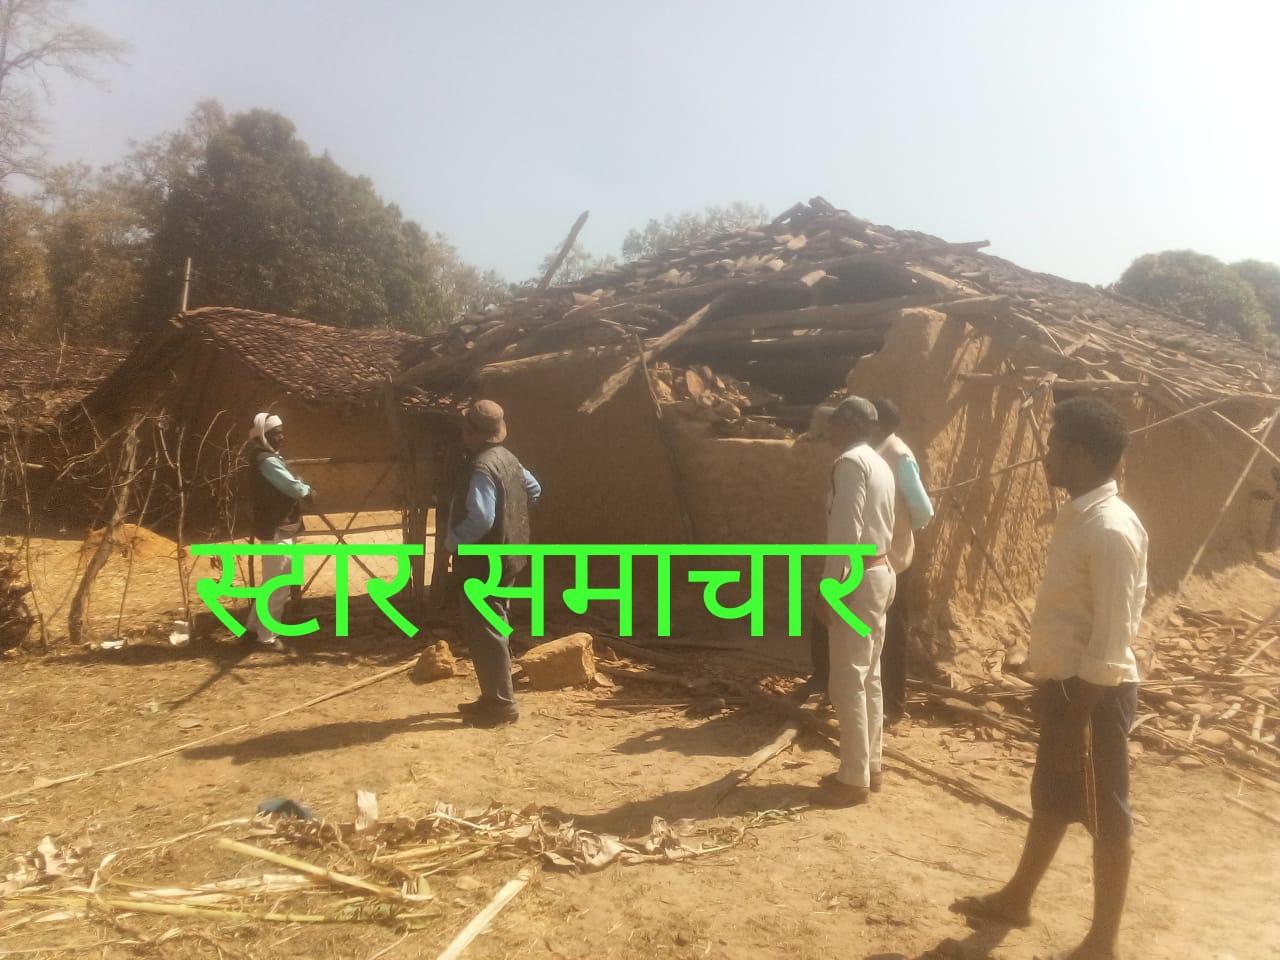 दूसरे दिन भी जारी रहा हाथियों का ताण्डव कोटा में एक घर को बनाया निशाना